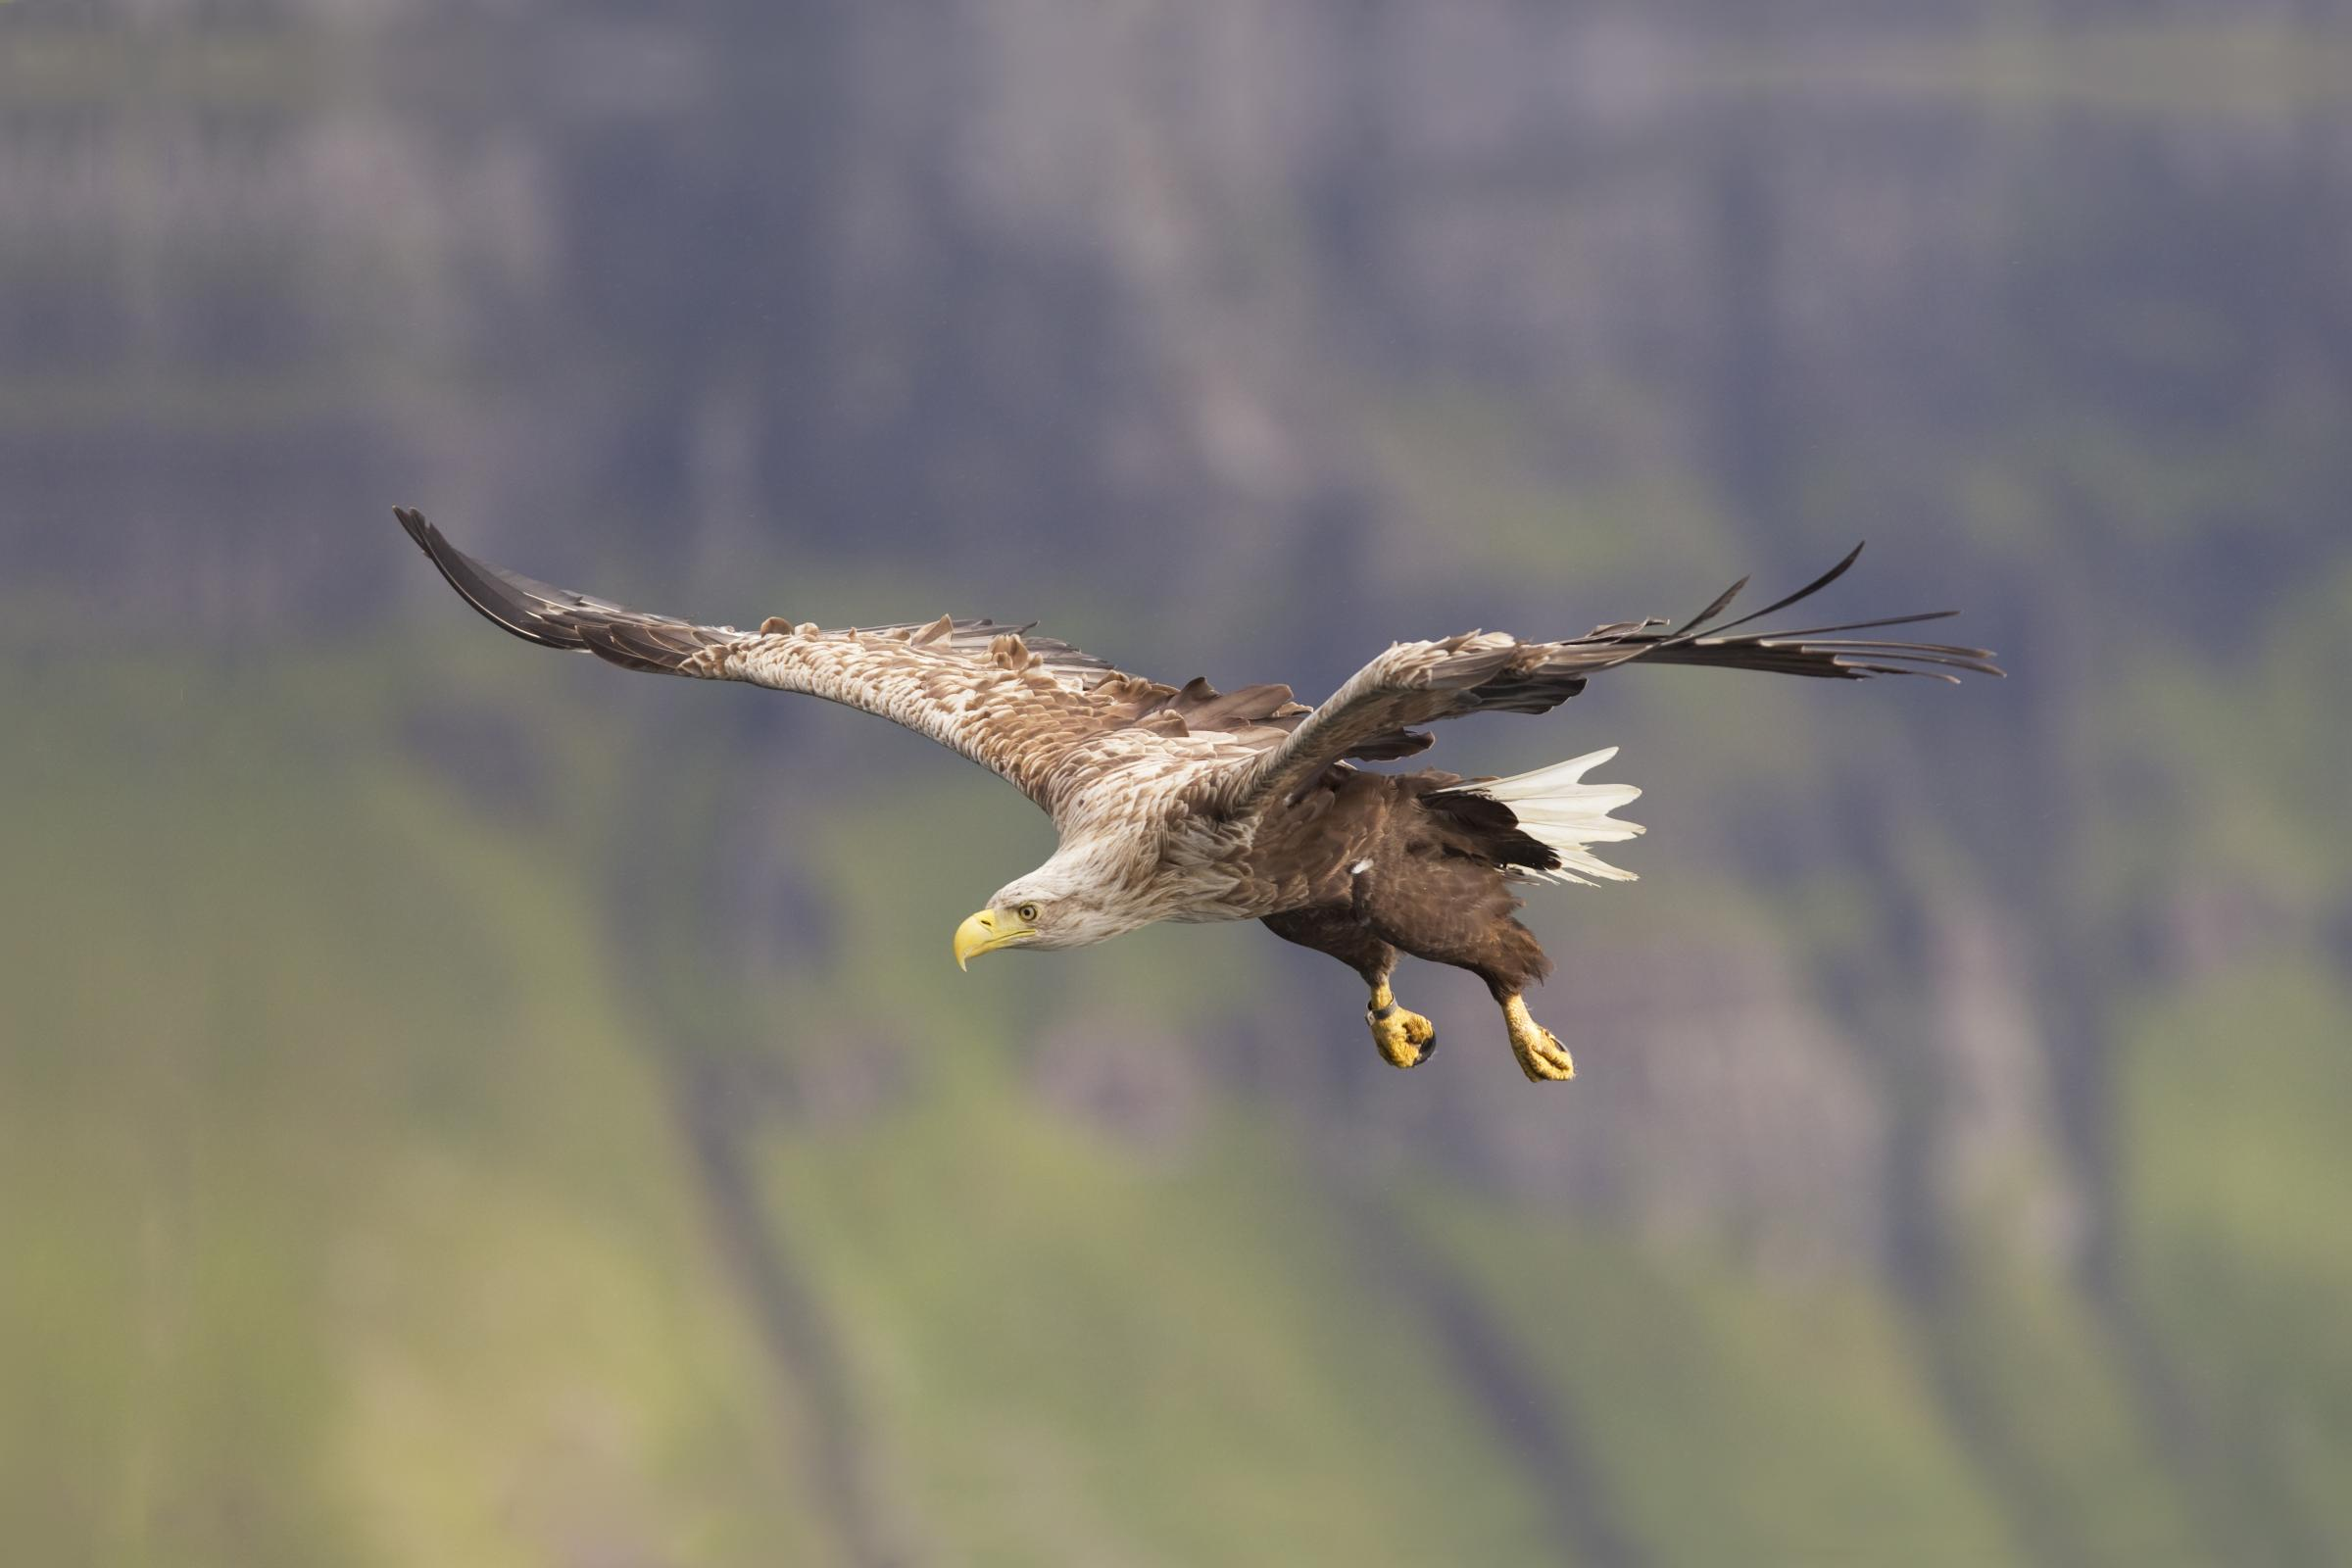 Rewilding Scotland: apex predators are a distraction in complex debate